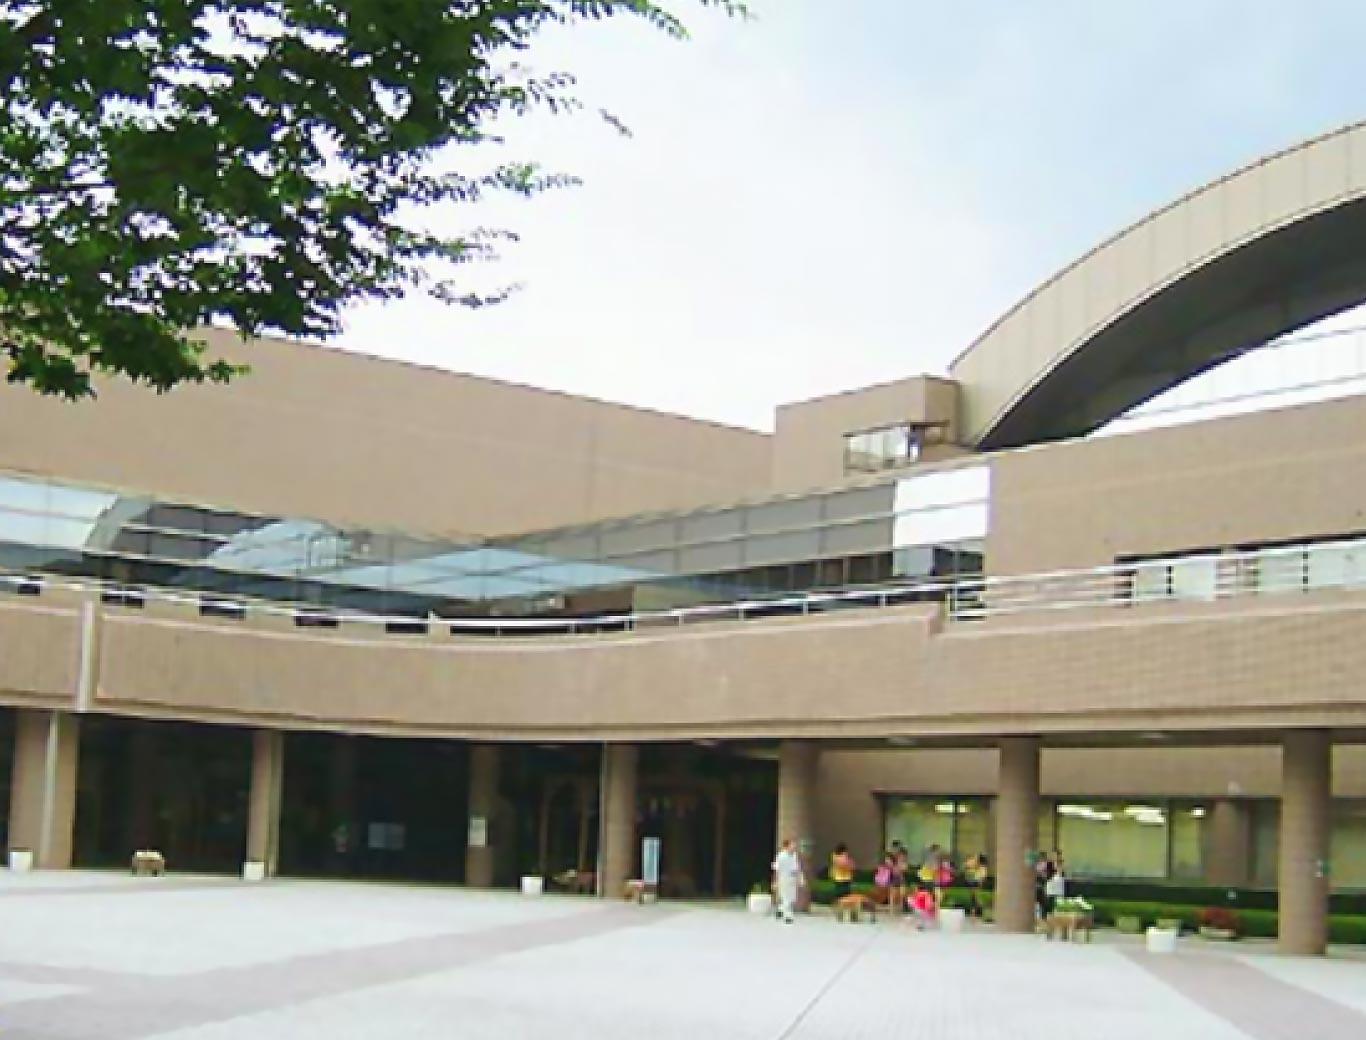 아즈마 종합체육관